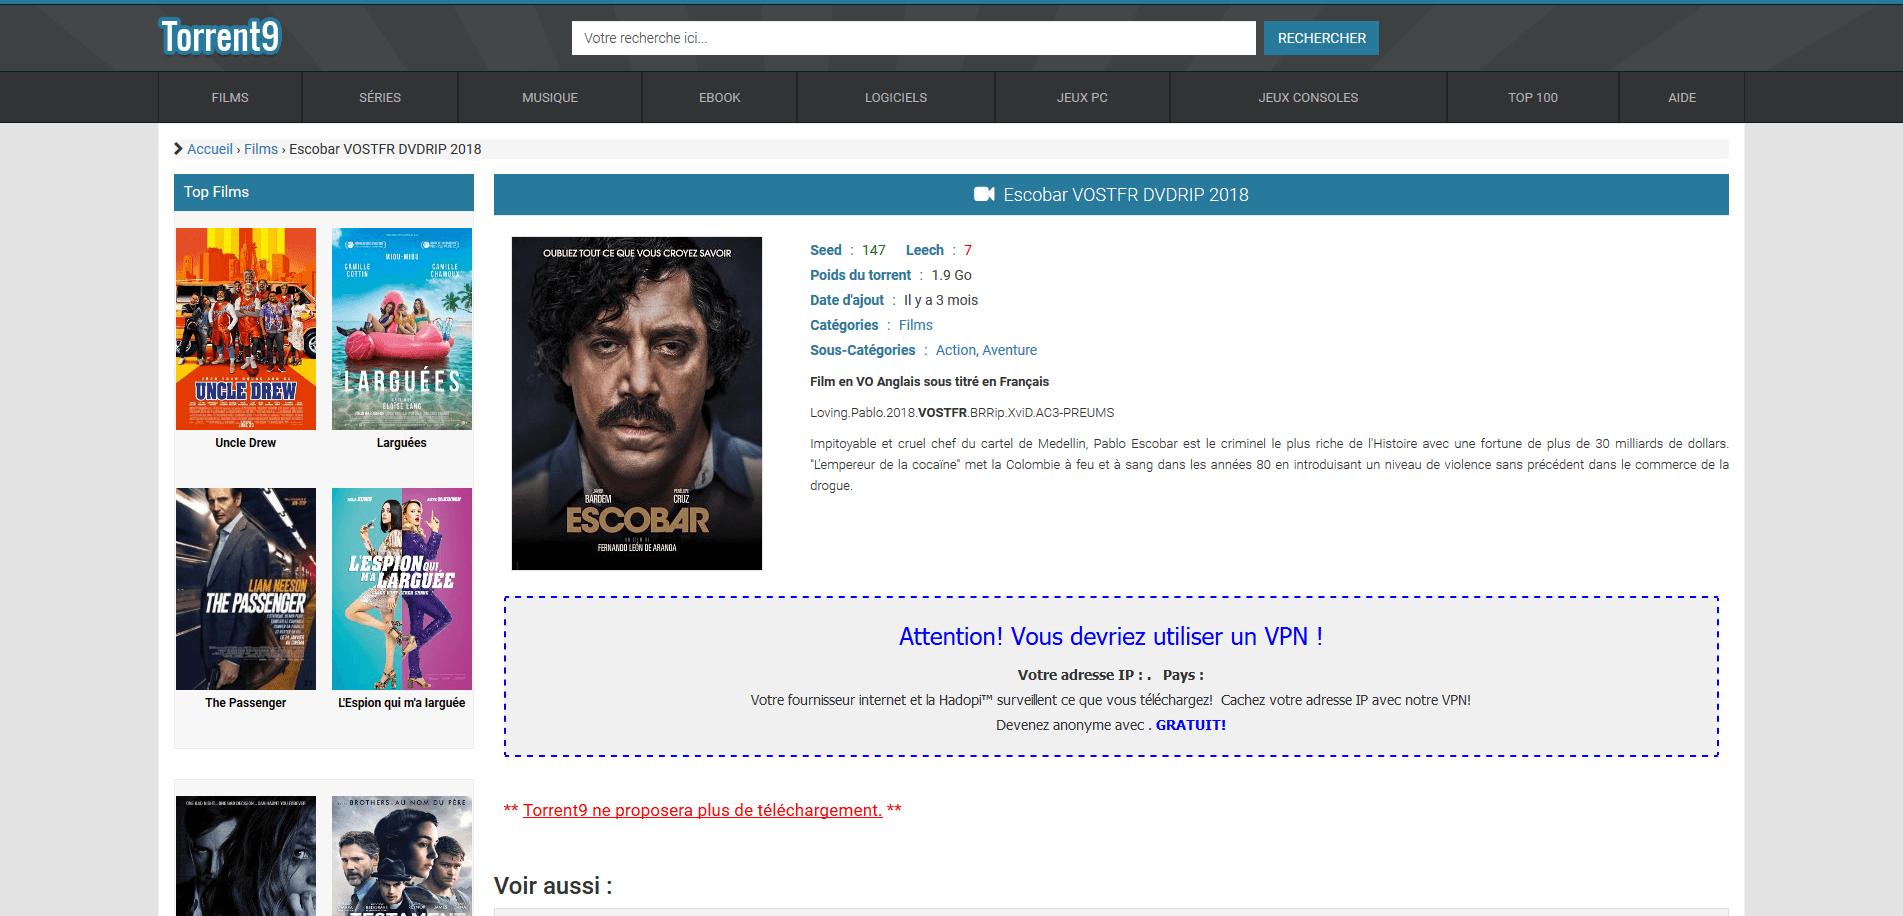 torrent9 film 2017